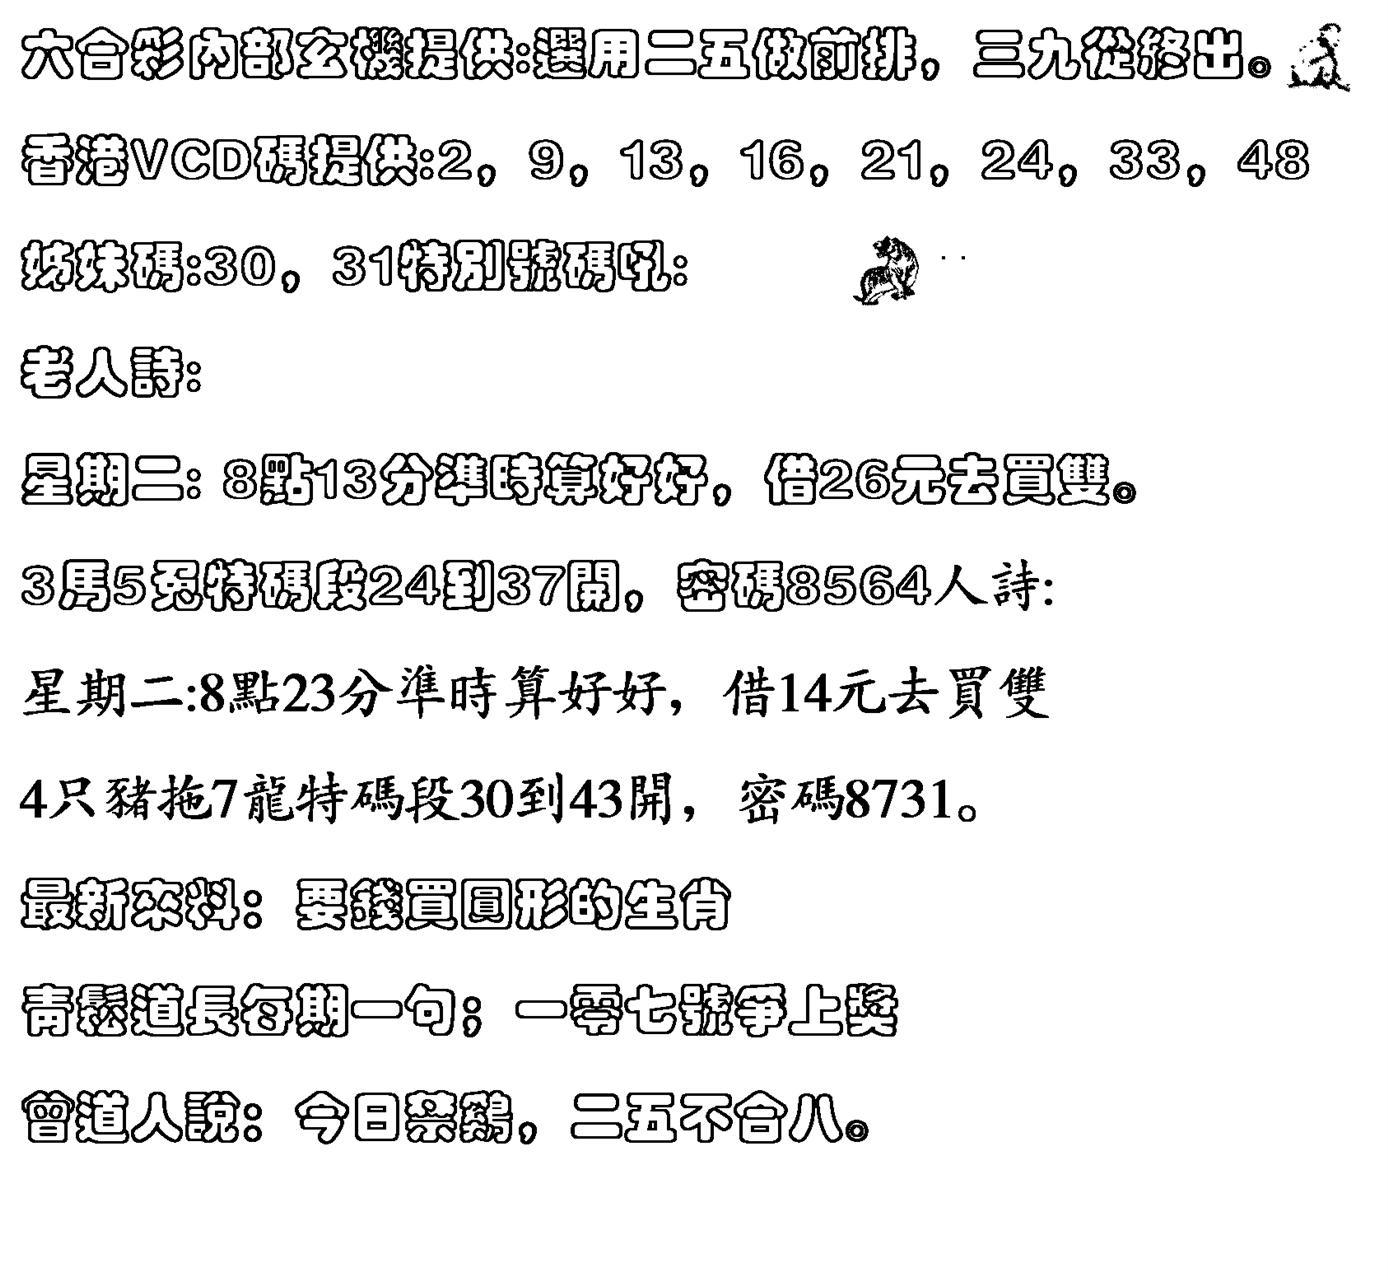 077期香港VCD(黑白)